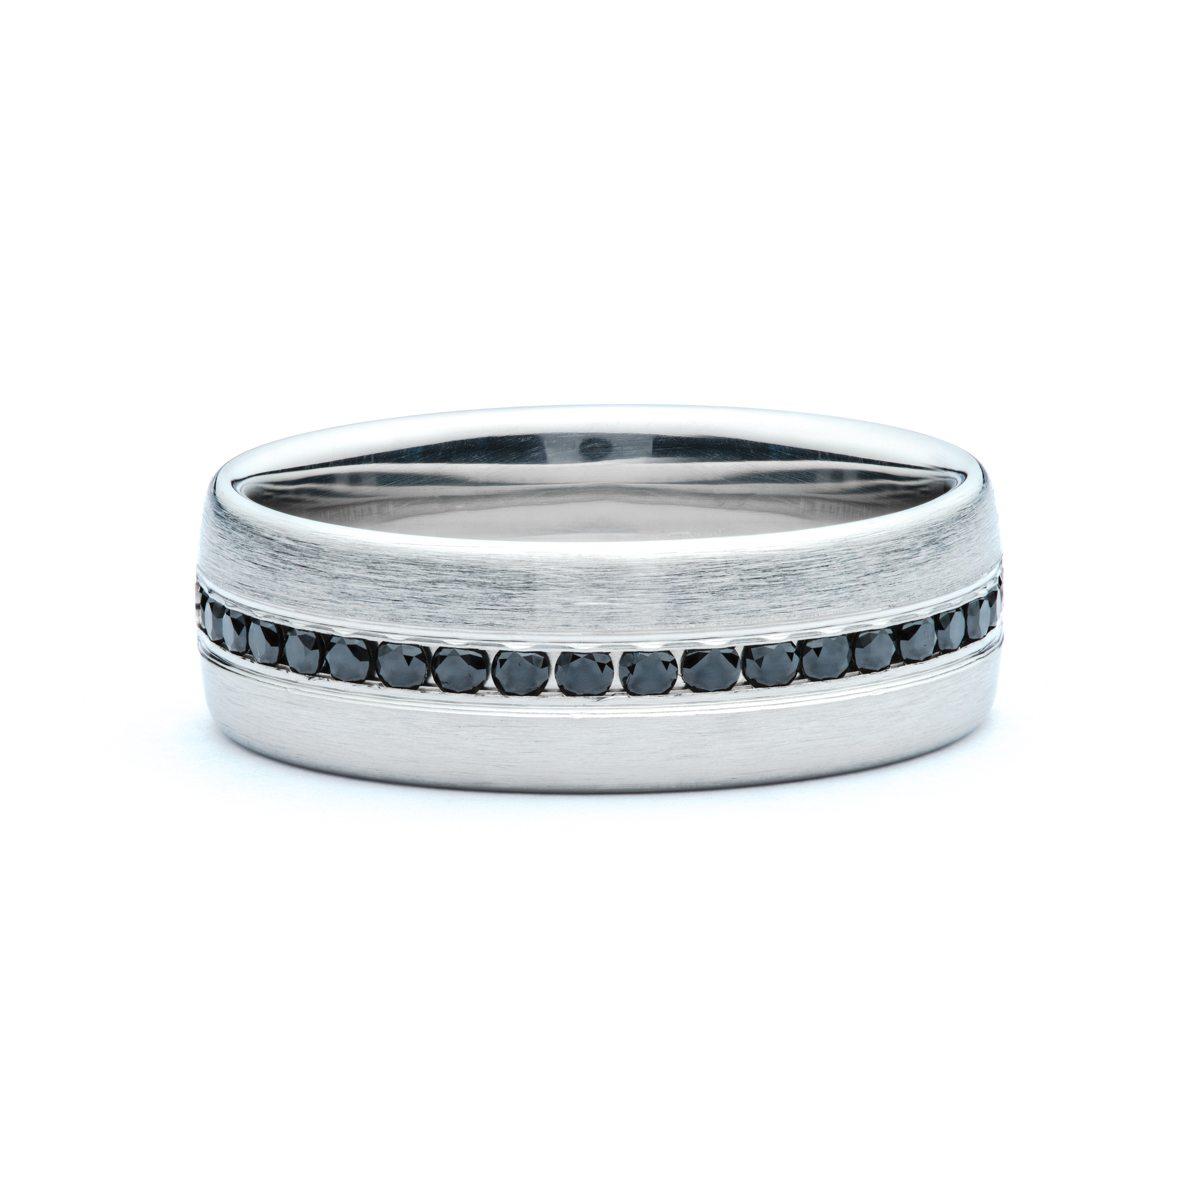 Black Diamond Brushed Mens Wedding Band  JM Edwards Jewelry